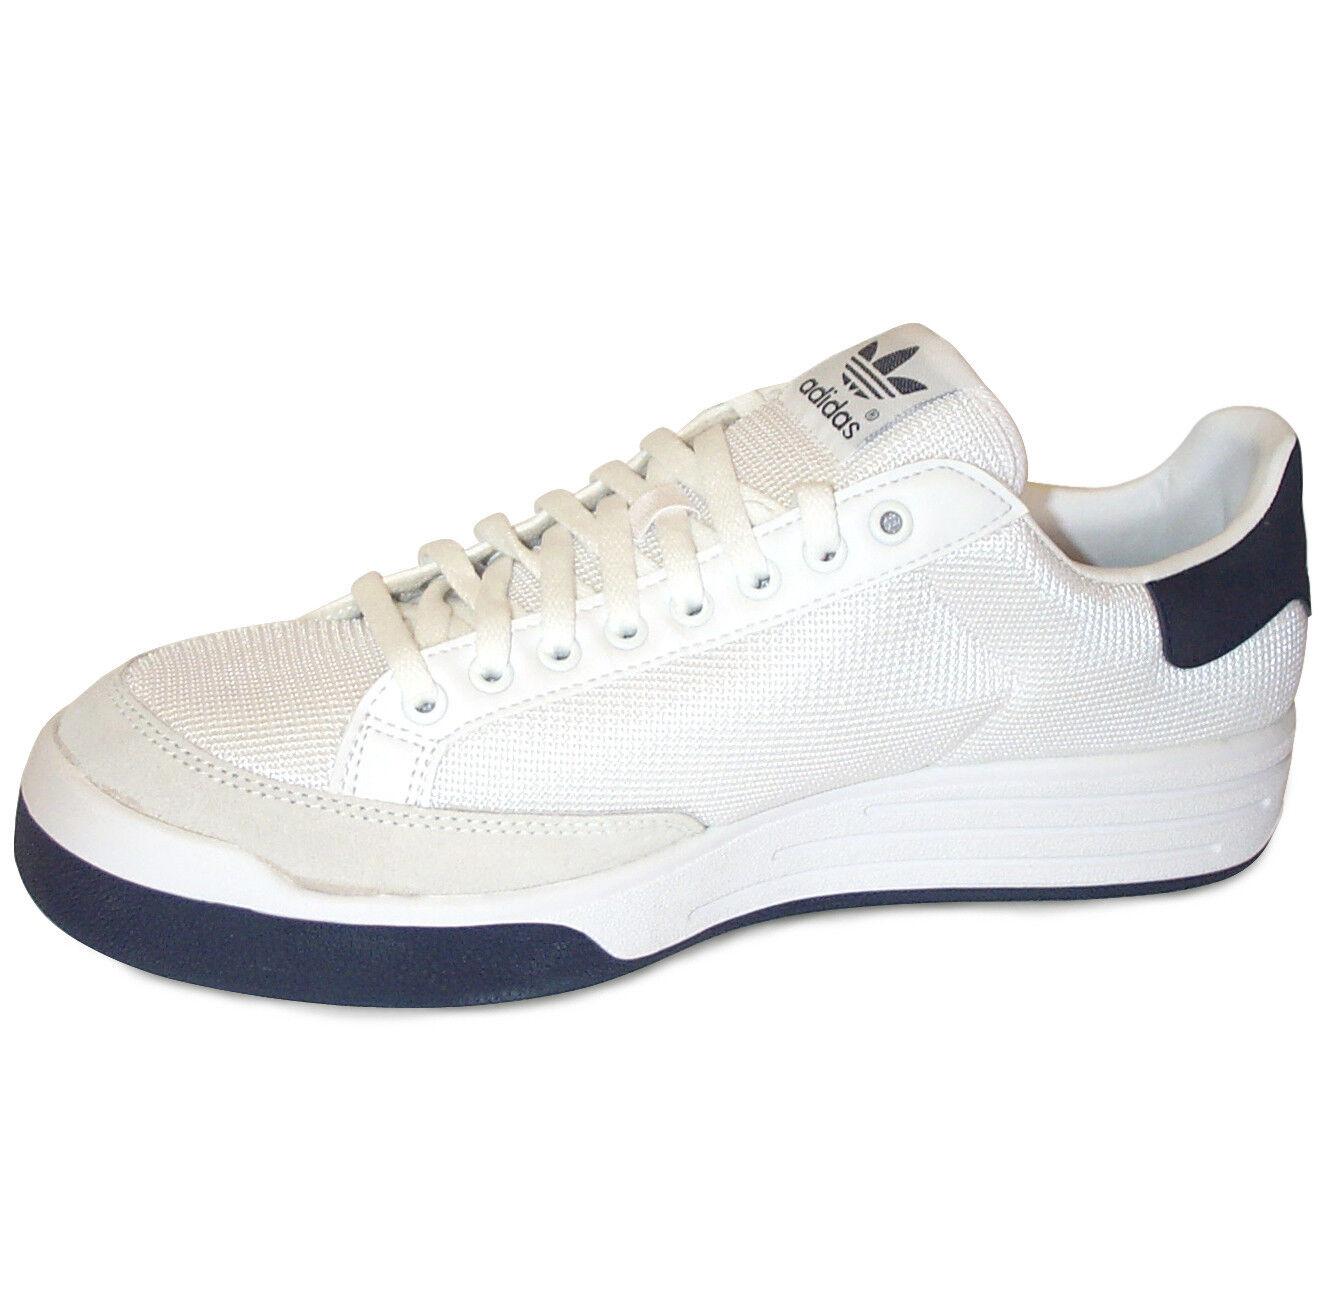 Adidas Rod Laver Super Calzado para Tenis Nuevo Blanco/Azul En Caja Para Hombre, Blanco/Azul Nuevo Marino-Varios Tamaños f83d73